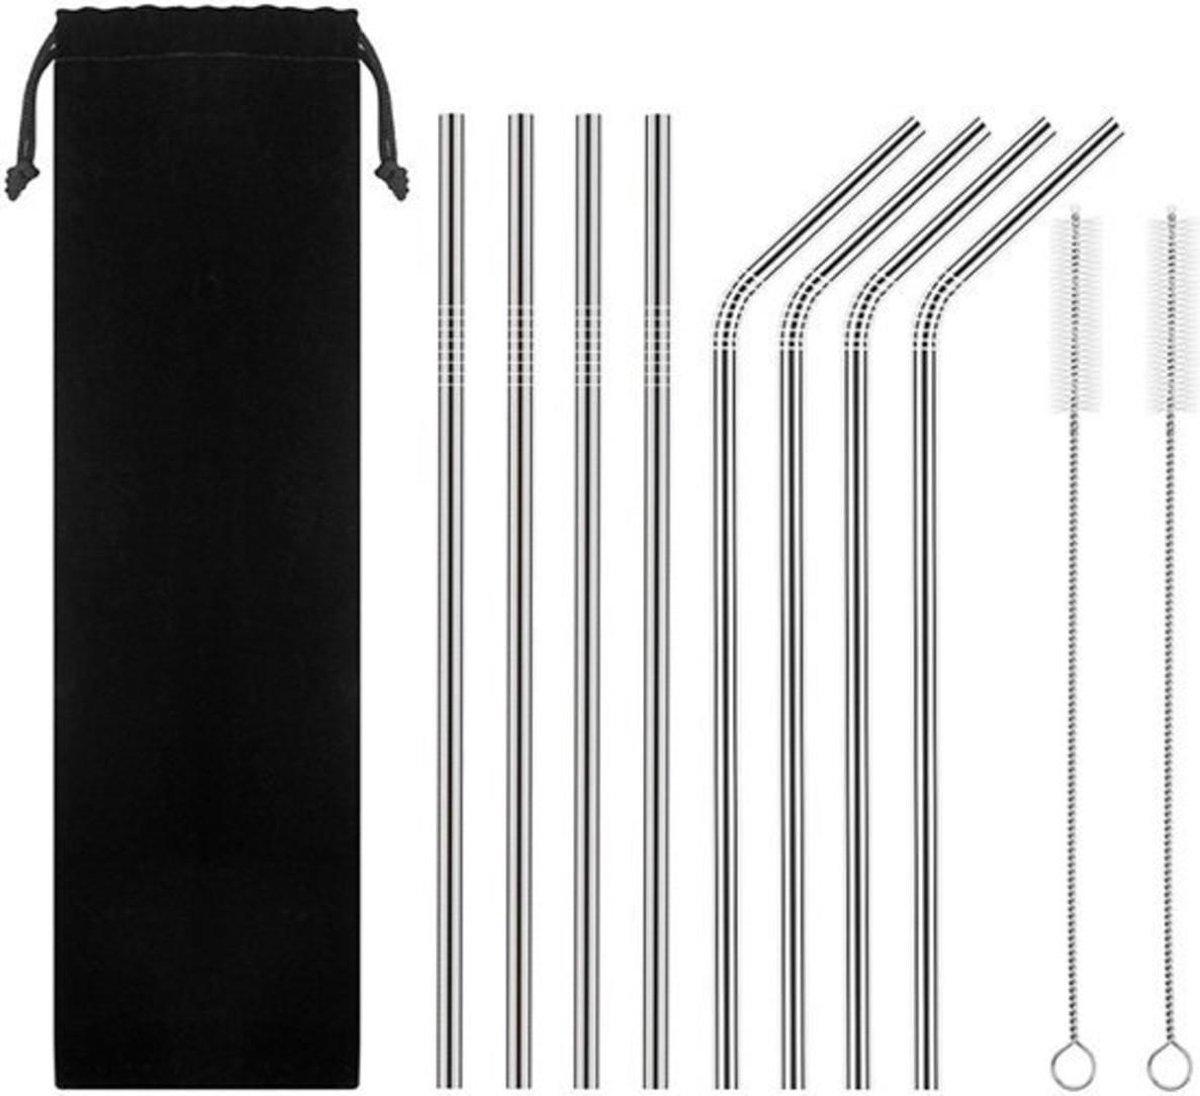 RVS rietjes - Set van 8 herbruikbare rietjes - 4 recht 4 gebogen - 21 cm - Duurzaam en stijlvol - In